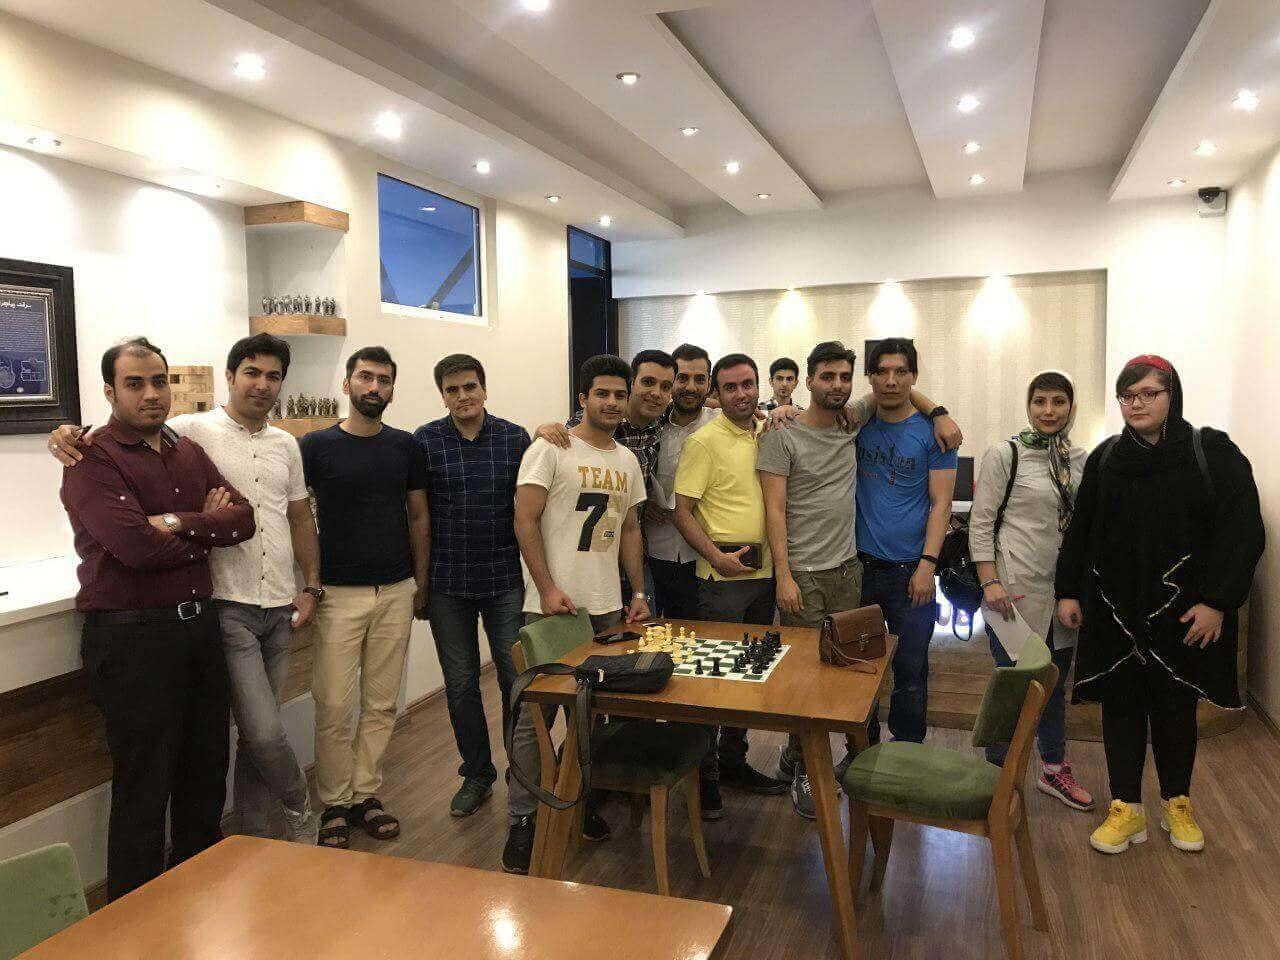 فوق برنامه مرداد -دفتر مشهد